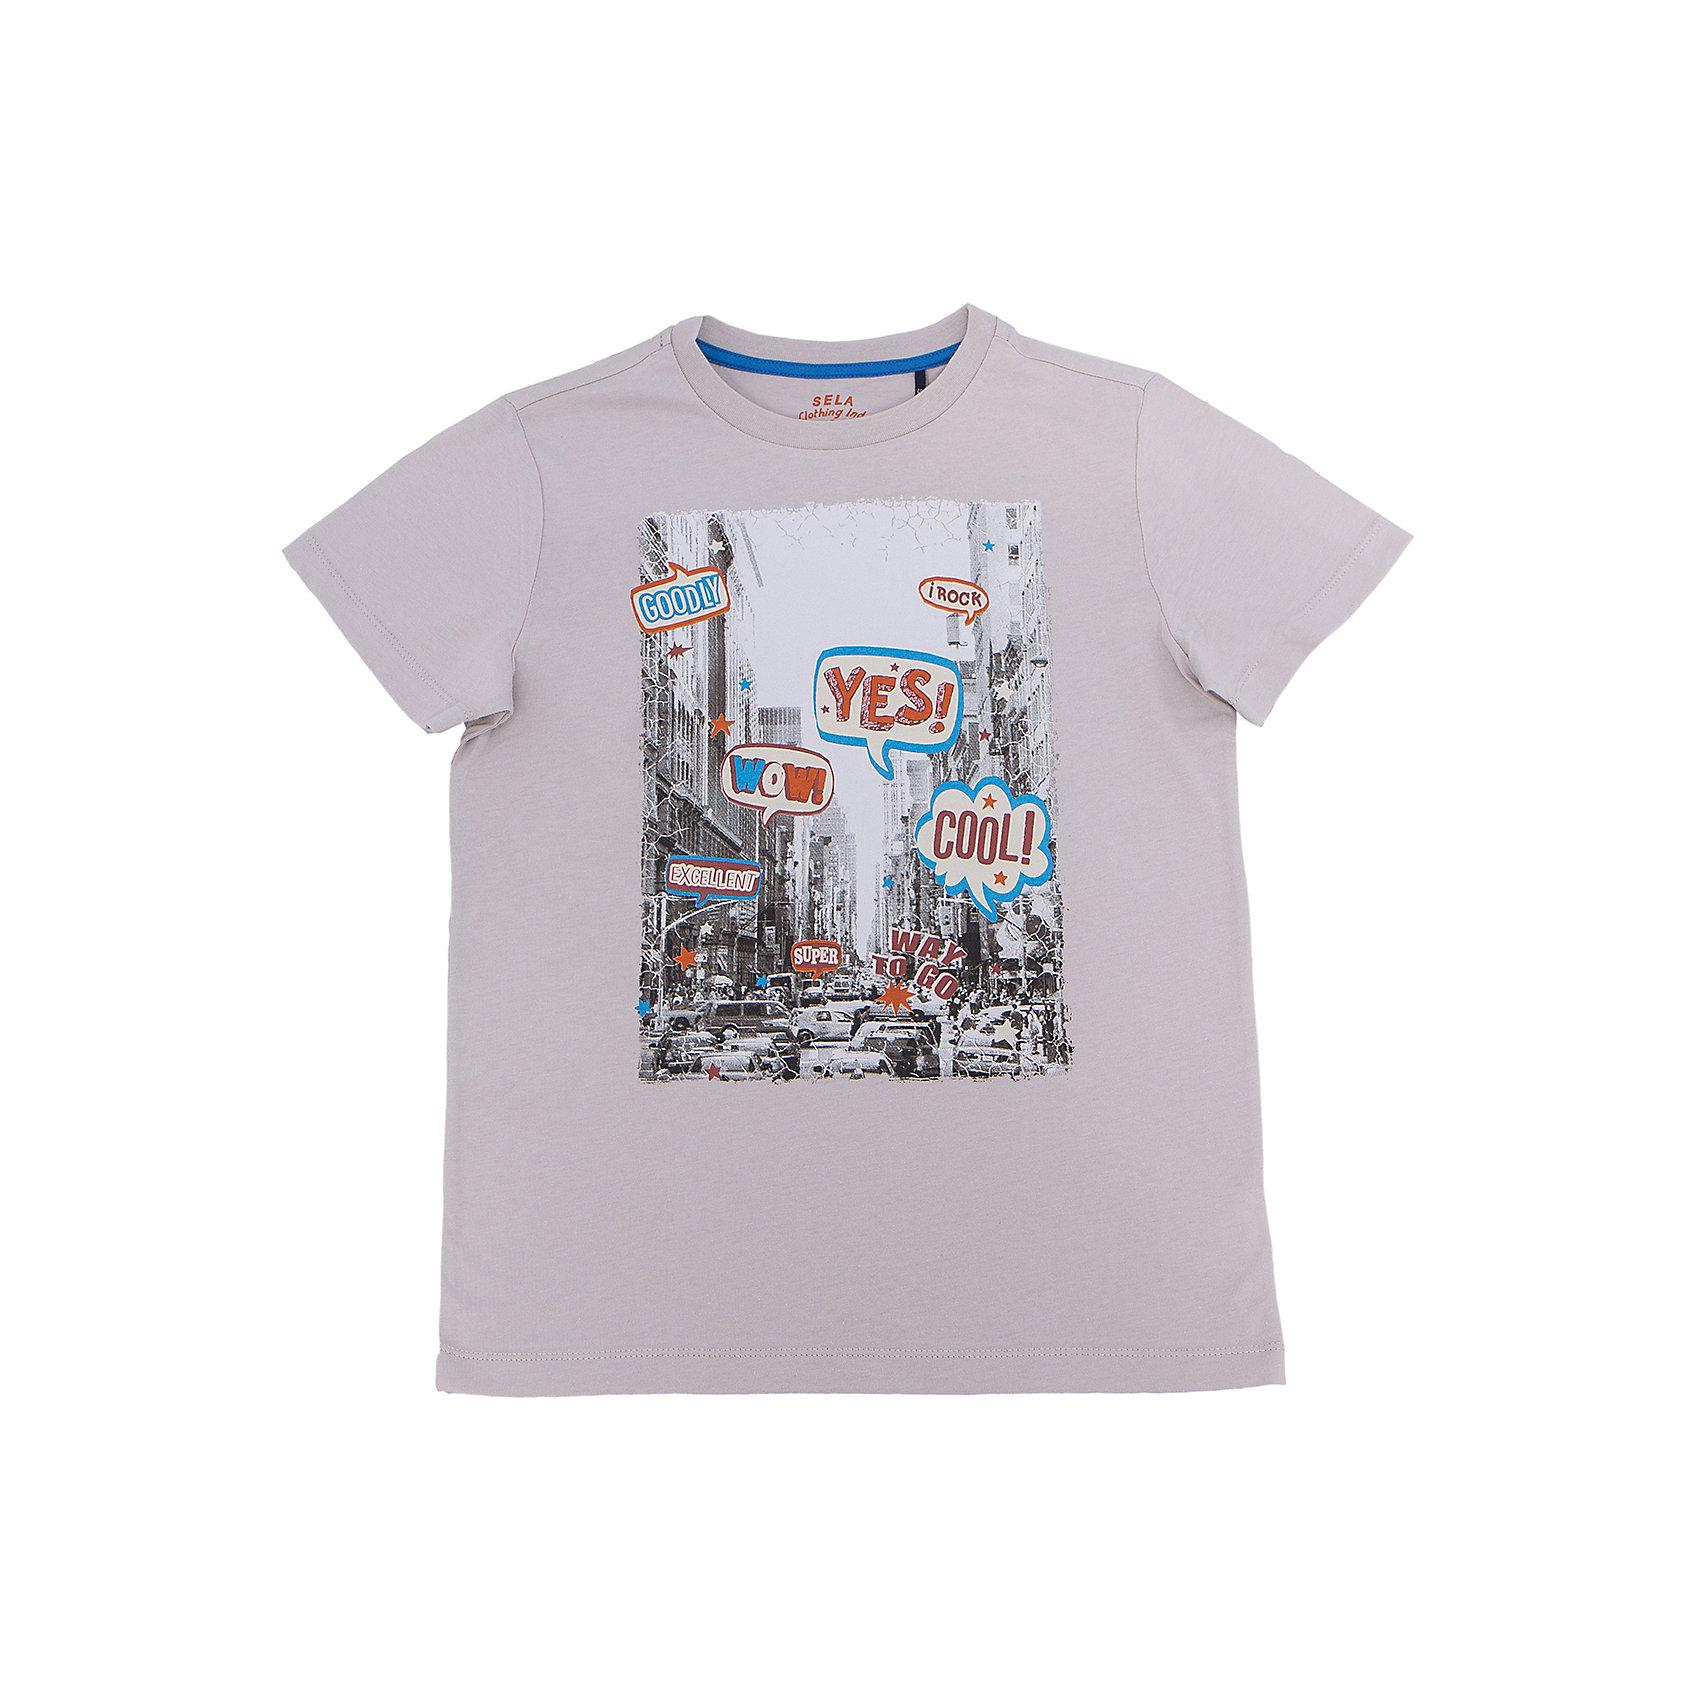 Футболка для мальчика SELAХарактеристики товара:<br><br>• цвет: серый<br>• состав: 100% хлопок<br>• принт<br>• короткие рукава<br>• округлый горловой вырез<br>• коллекция весна-лето 2017<br>• страна бренда: Российская Федерация<br><br>В новой коллекции SELA отличные модели одежды! Эта футболка для мальчика поможет разнообразить гардероб ребенка и обеспечить комфорт. Она отлично сочетается с джинсами и брюками. В составе ткани -только дышащий гипоаллергенный хлопок!<br><br>Одежда, обувь и аксессуары от российского бренда SELA не зря пользуются большой популярностью у детей и взрослых! Модели этой марки - стильные и удобные, цена при этом неизменно остается доступной. Для их производства используются только безопасные, качественные материалы и фурнитура. Новая коллекция поддерживает хорошие традиции бренда! <br><br>Футболку для мальчика от популярного бренда SELA (СЕЛА) можно купить в нашем интернет-магазине.<br><br>Ширина мм: 230<br>Глубина мм: 40<br>Высота мм: 220<br>Вес г: 250<br>Цвет: серый<br>Возраст от месяцев: 96<br>Возраст до месяцев: 108<br>Пол: Мужской<br>Возраст: Детский<br>Размер: 134,140,146,152,116,122,128<br>SKU: 5304057